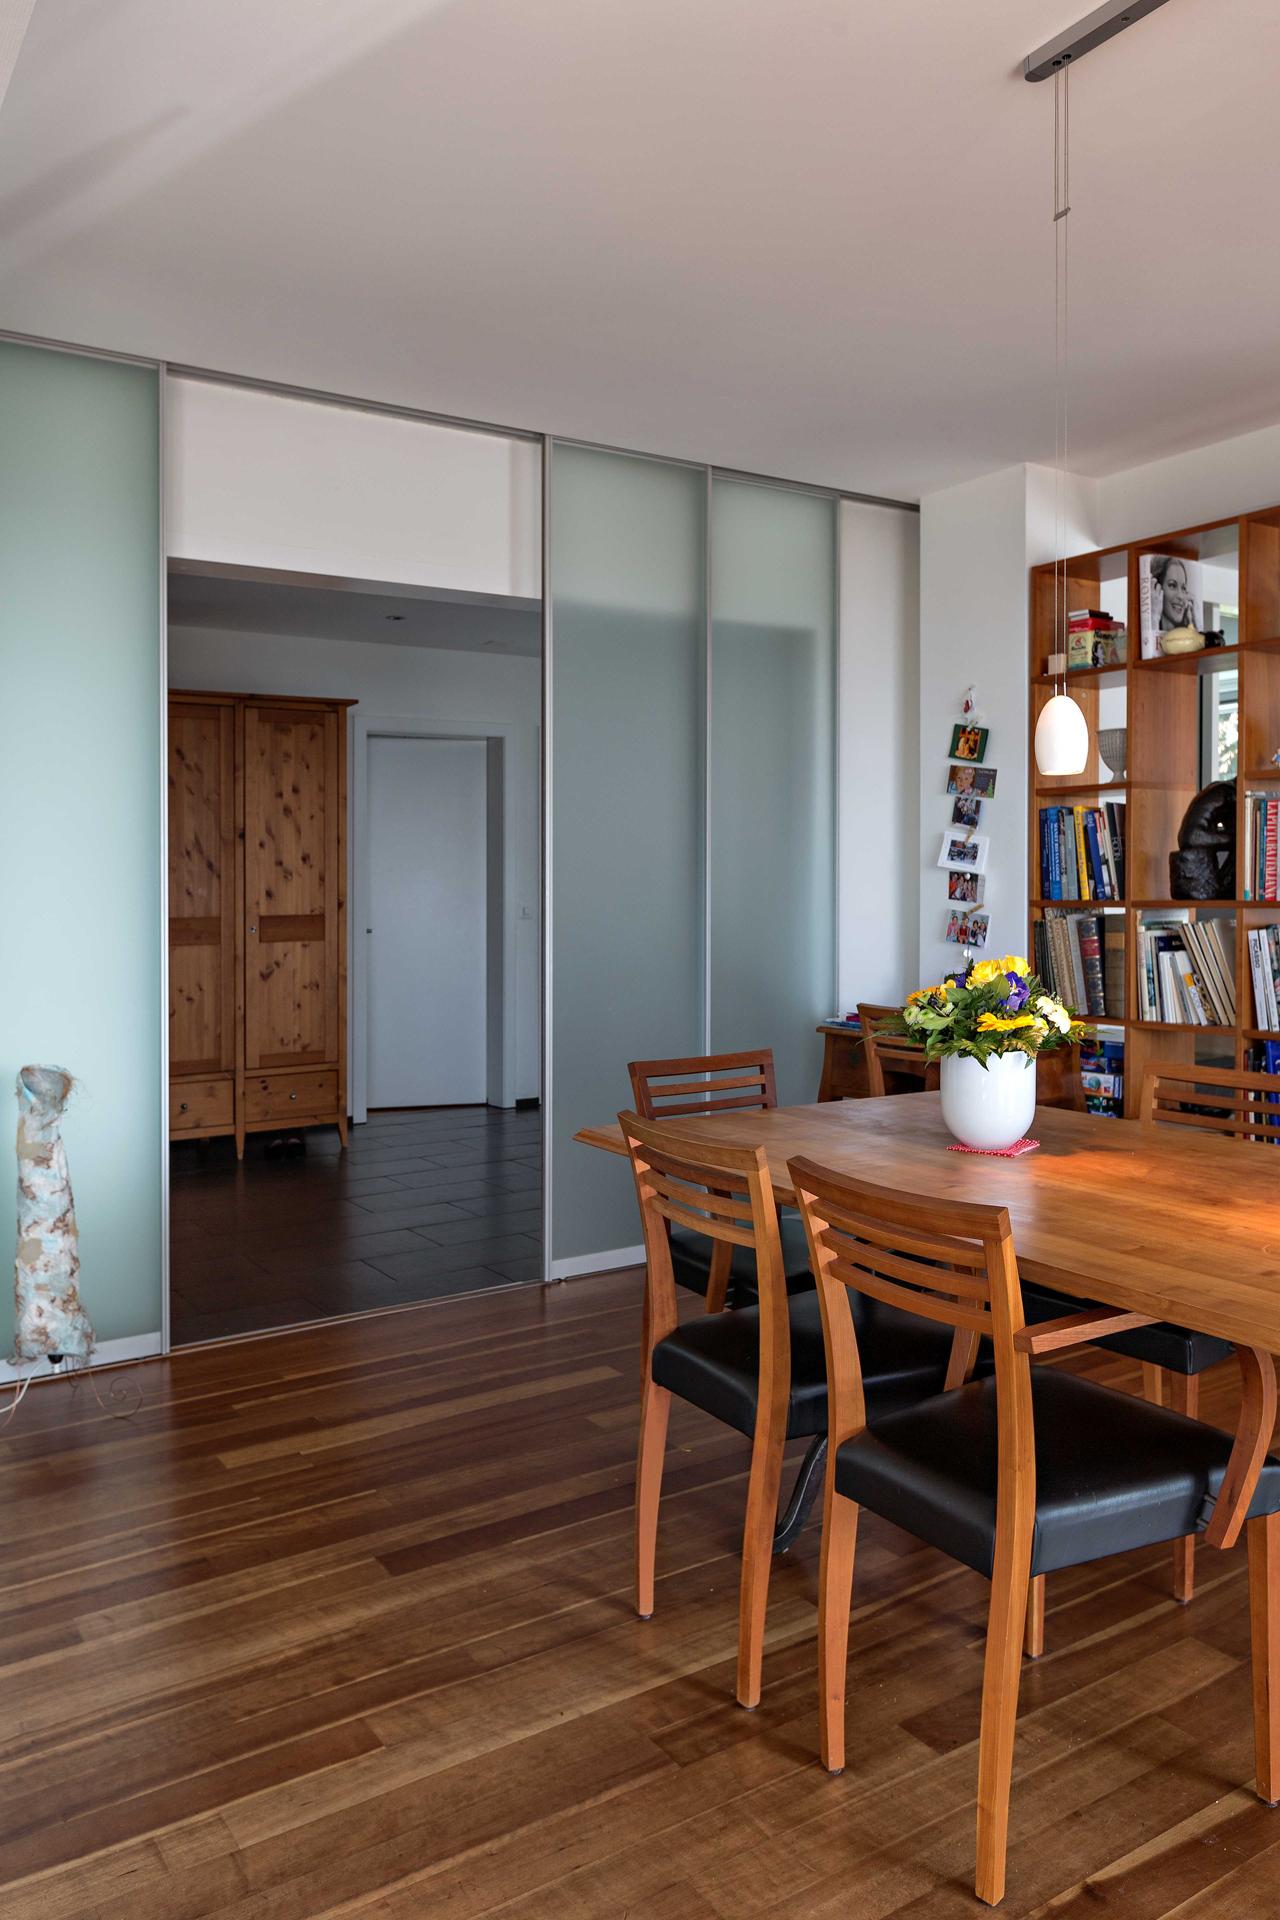 Raumteiler aus vier schiebet ren in glas zwischen flur und - Glastrennwand wohnbereich ...